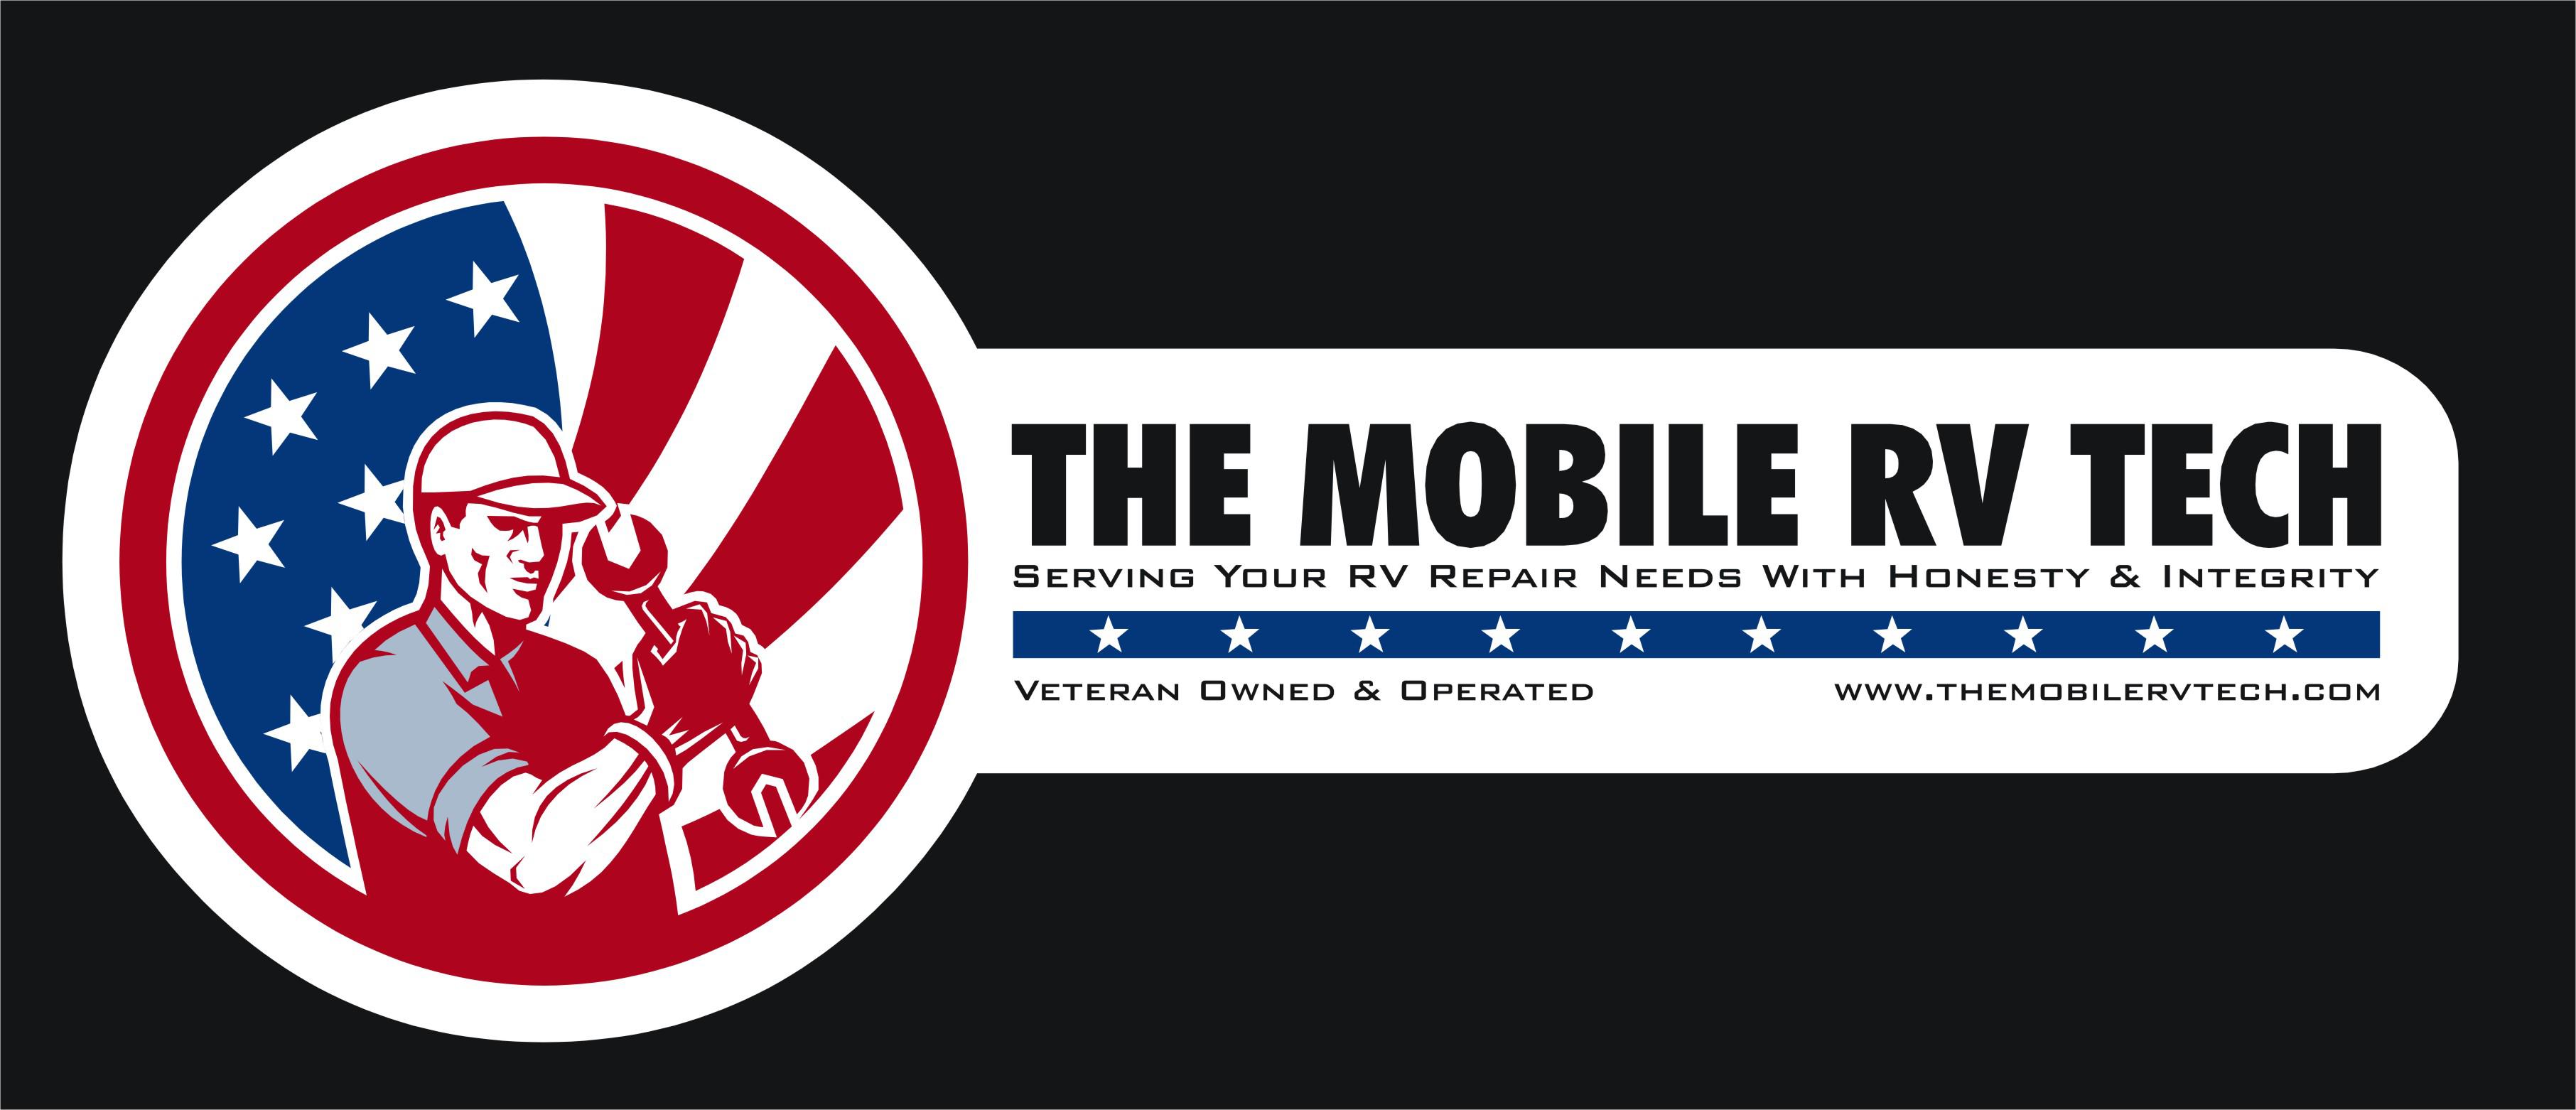 The Mobile RV Tech